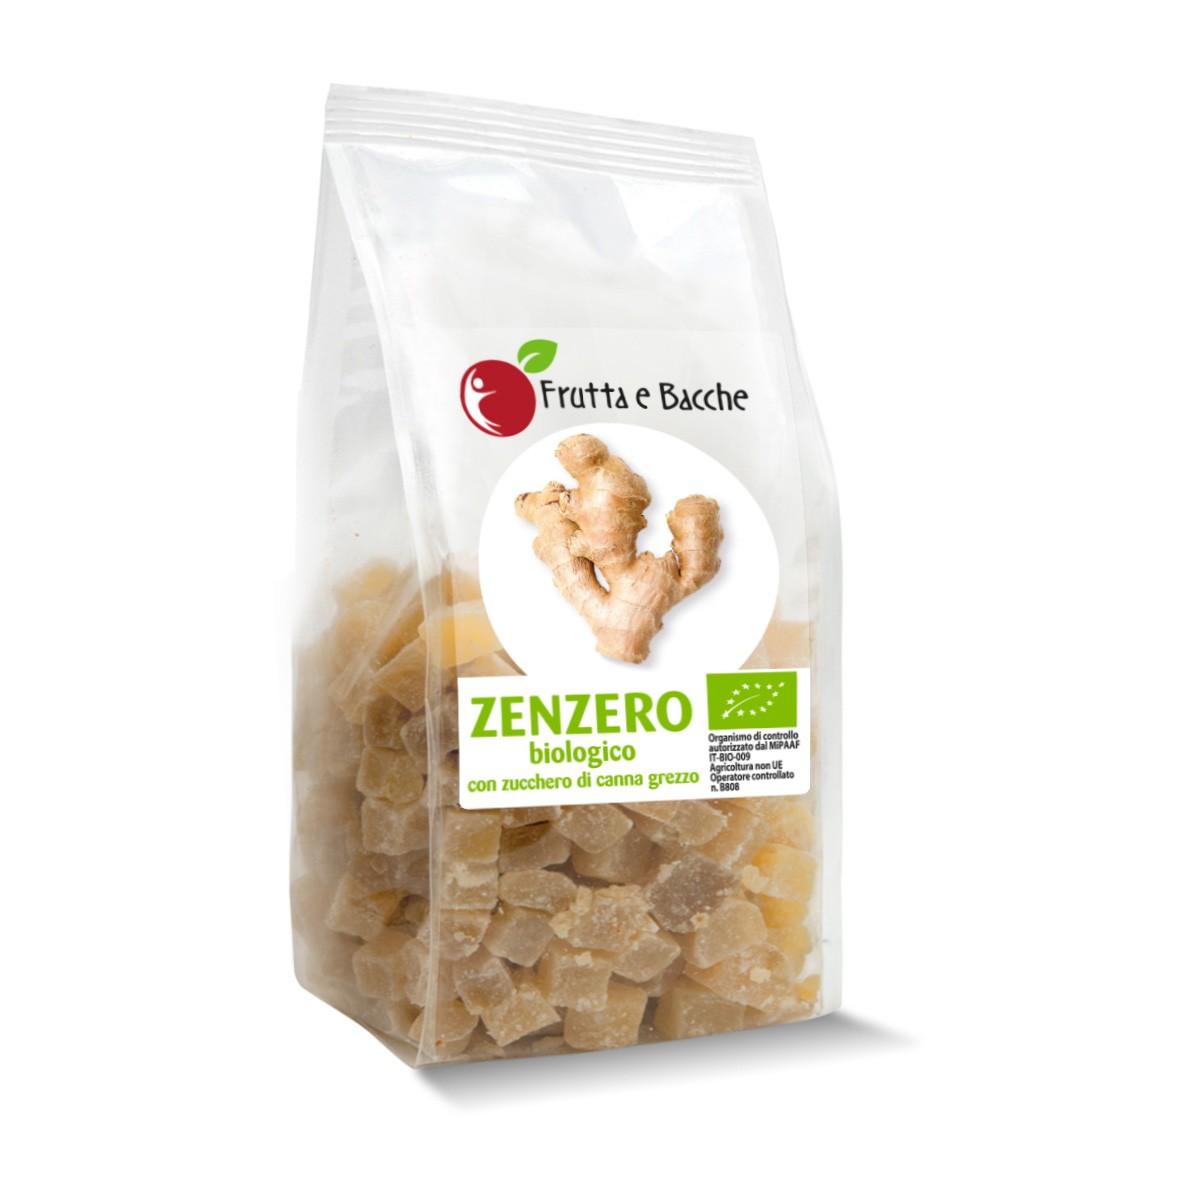 Zenzero Candito Biologico A Cubetti Shop Frutta E Bacche